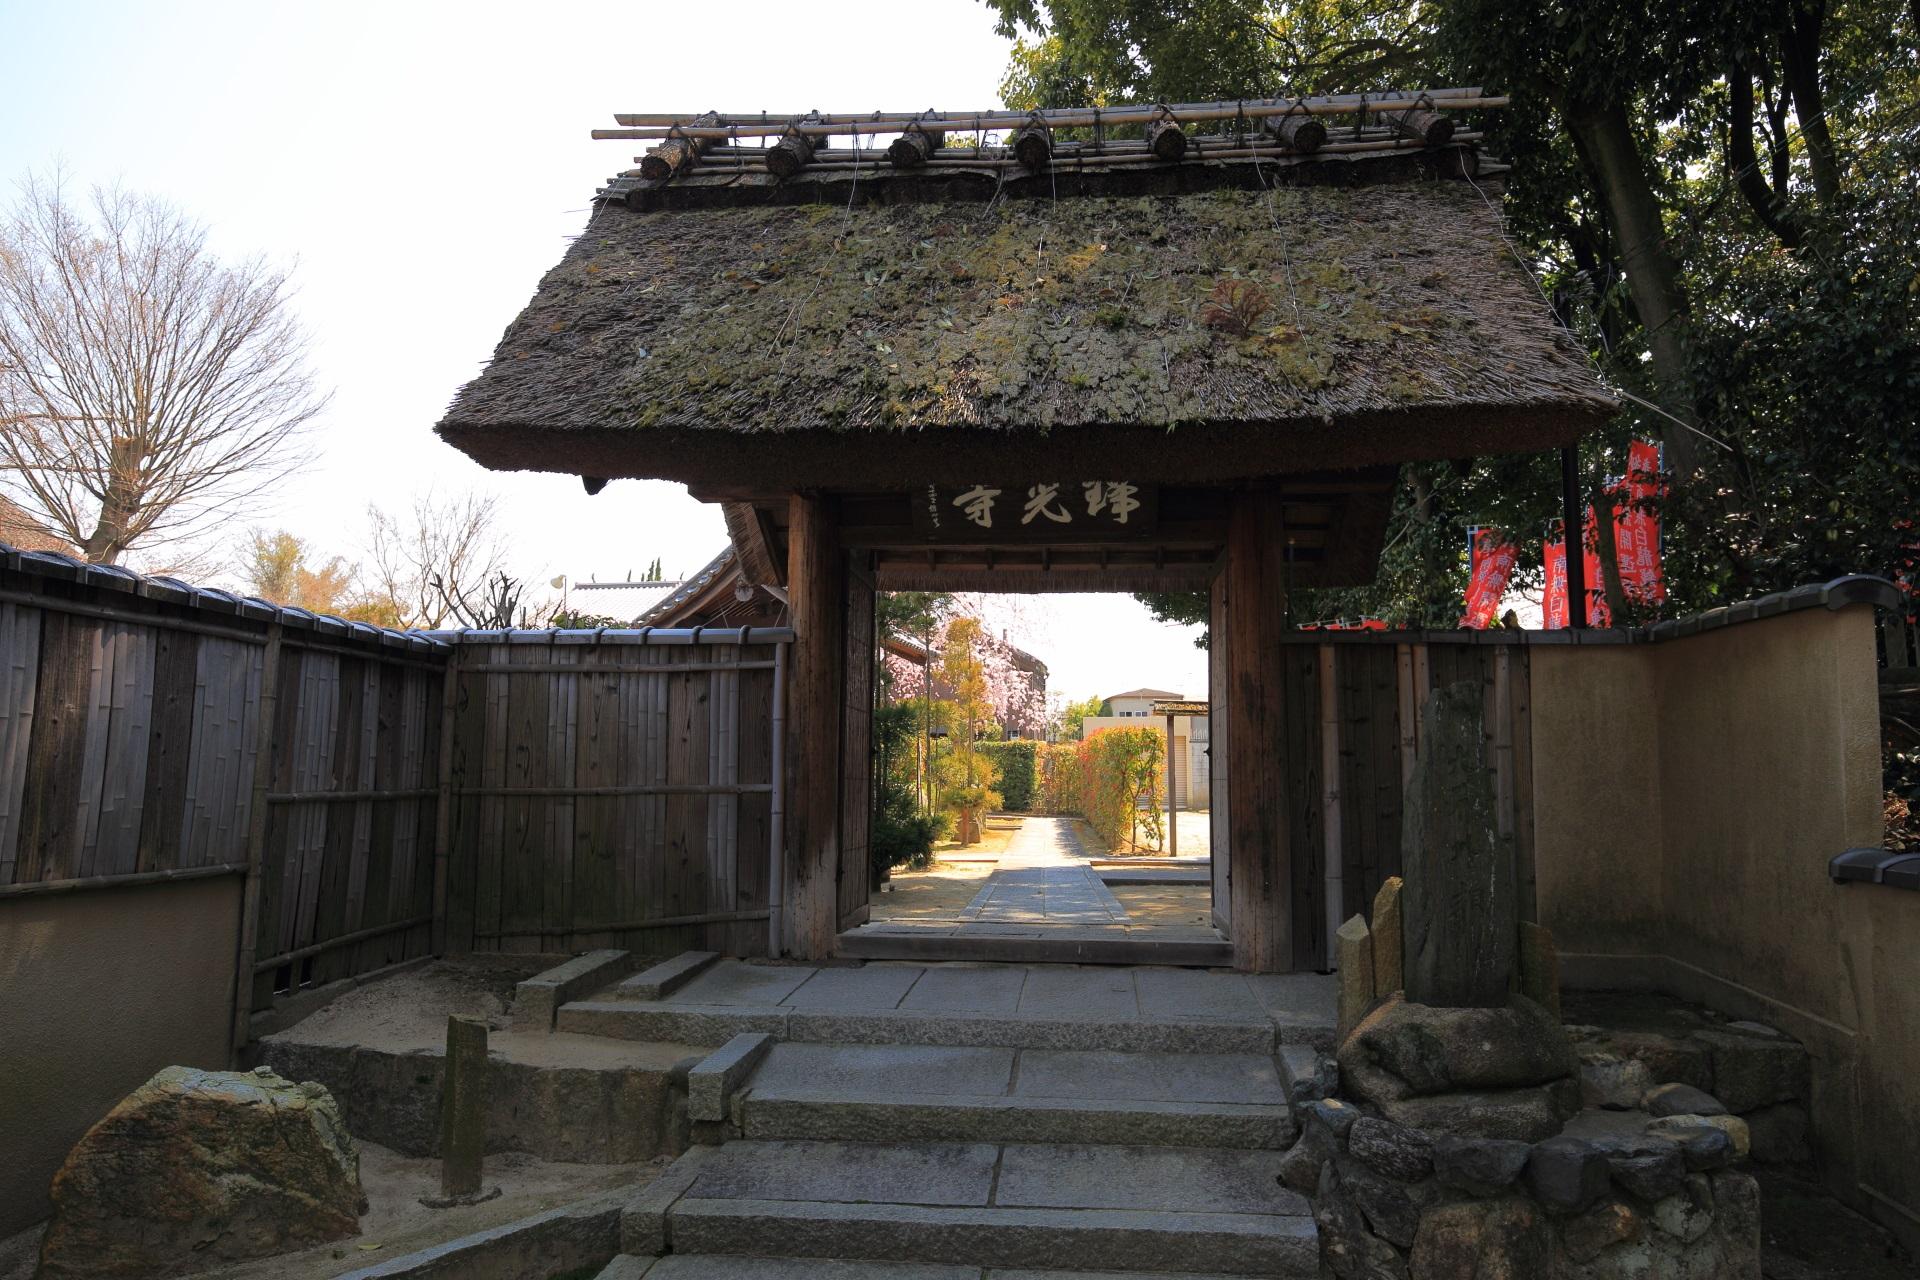 奥に桜が見える瑞光寺の山門